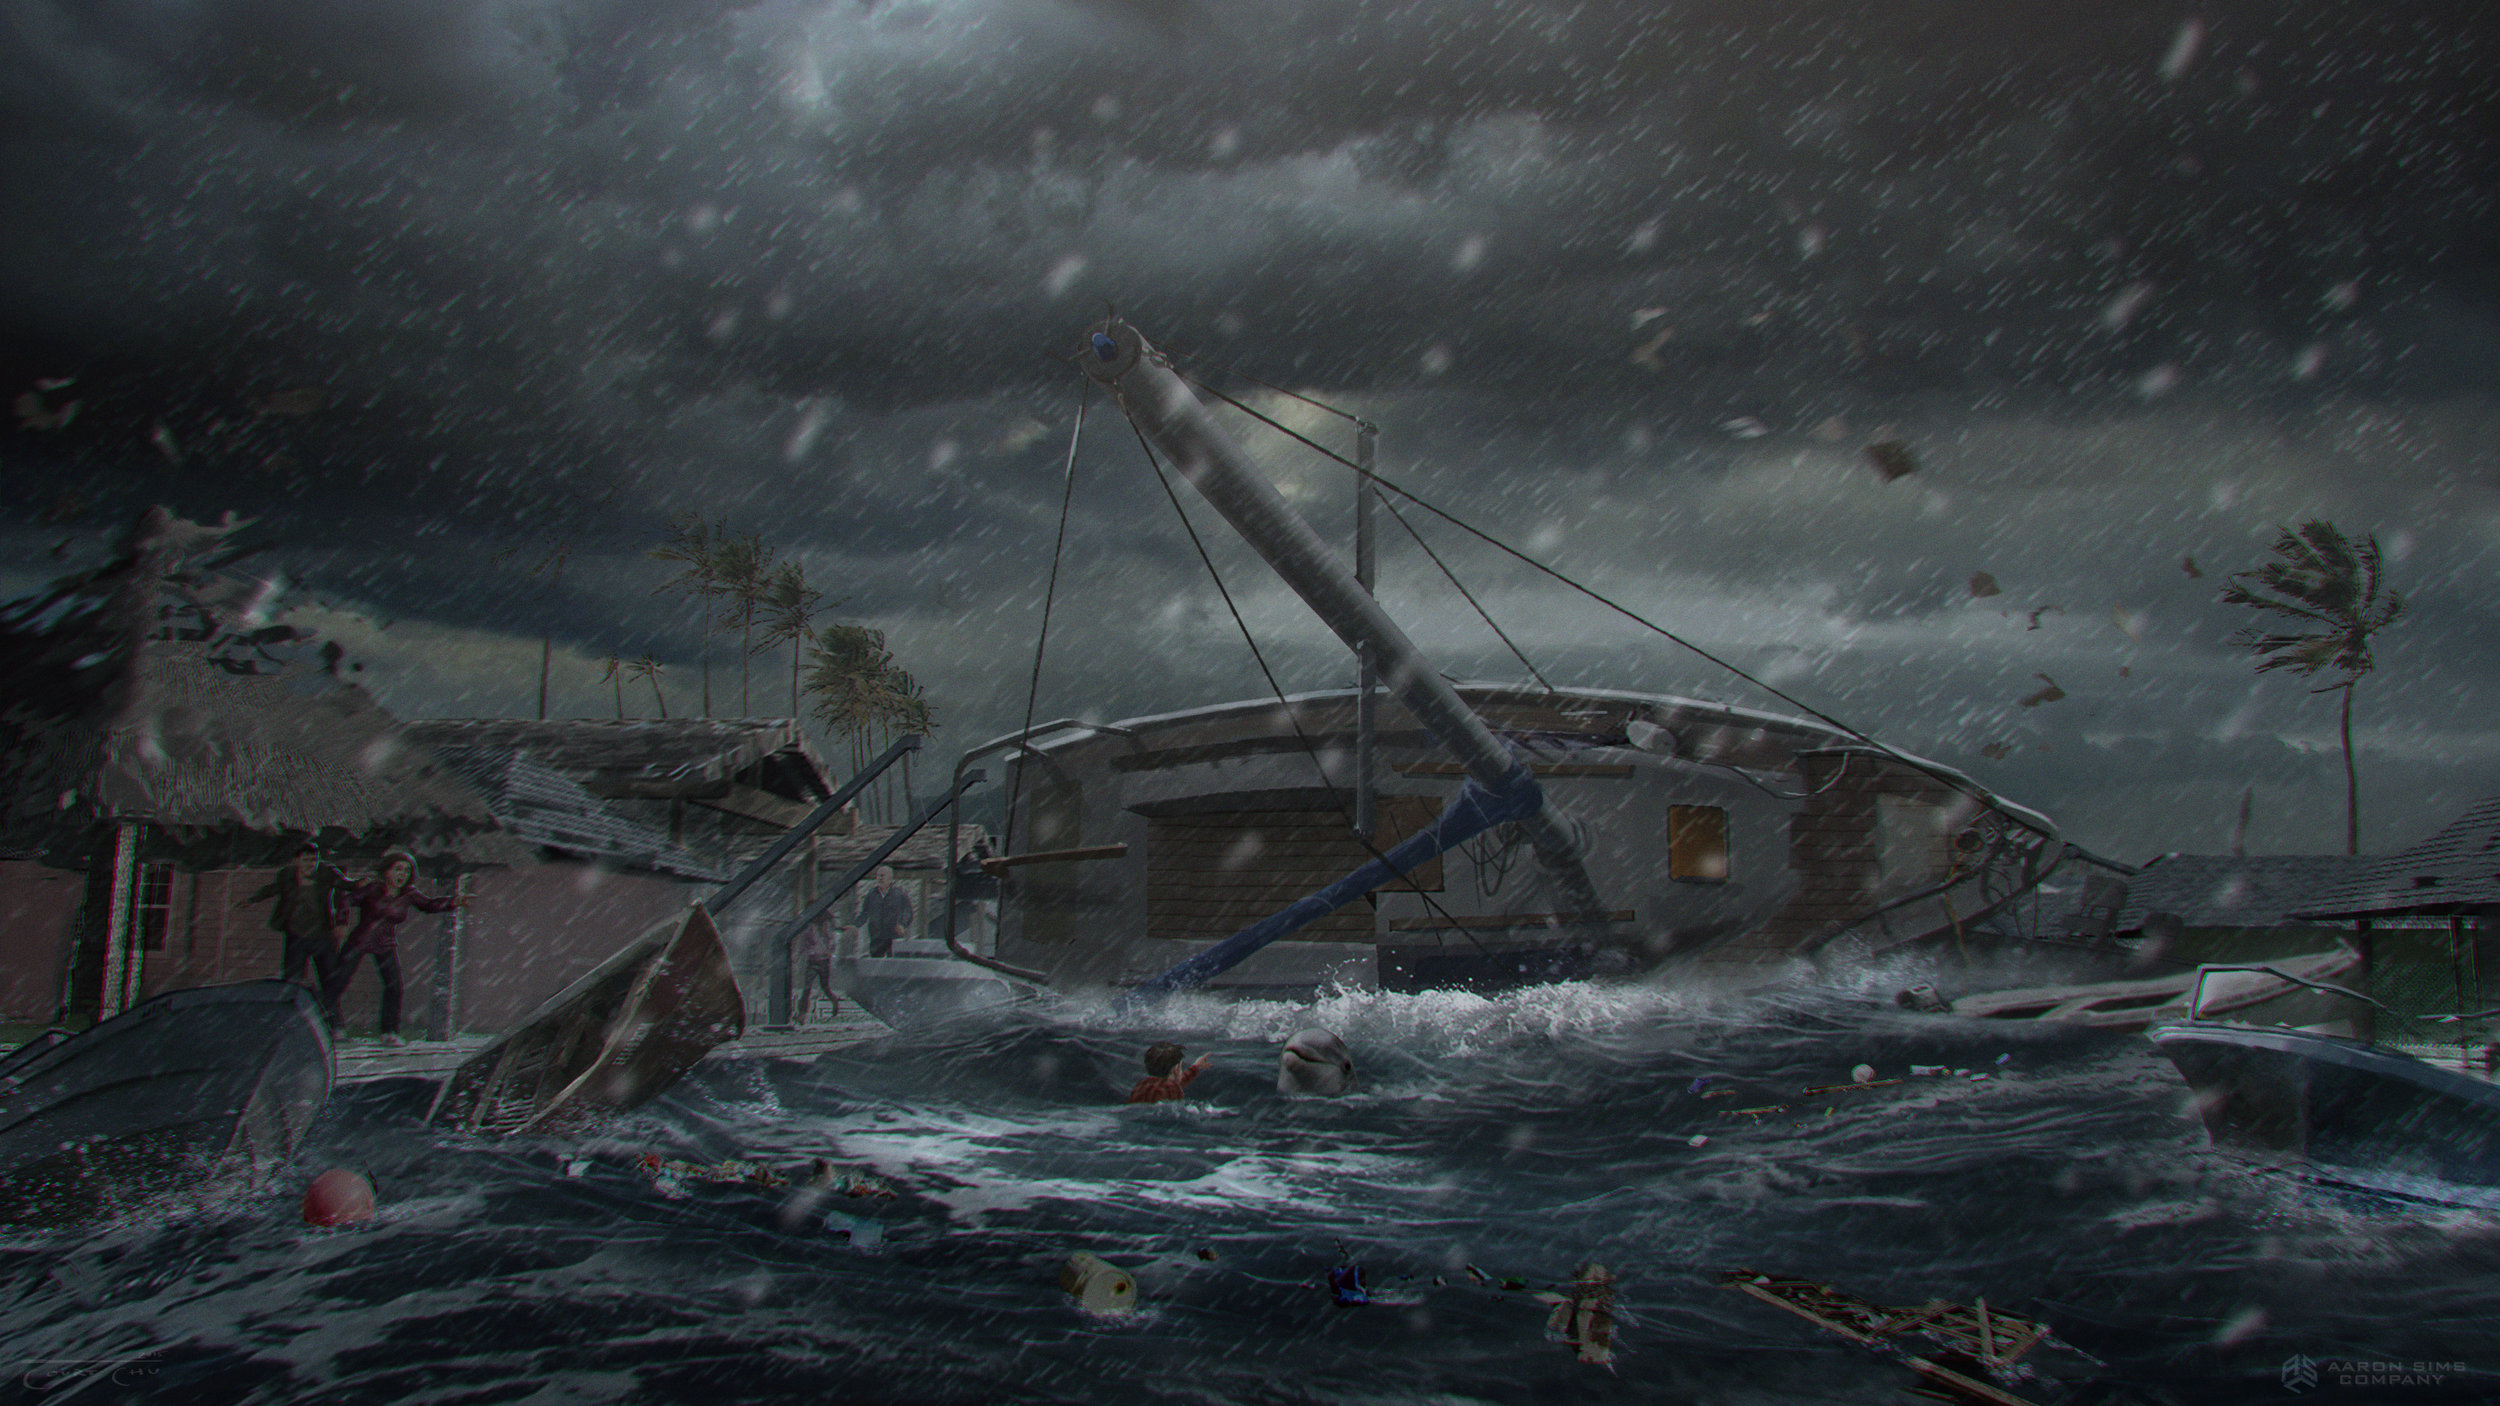 014_Capsizing_Boat.jpeg